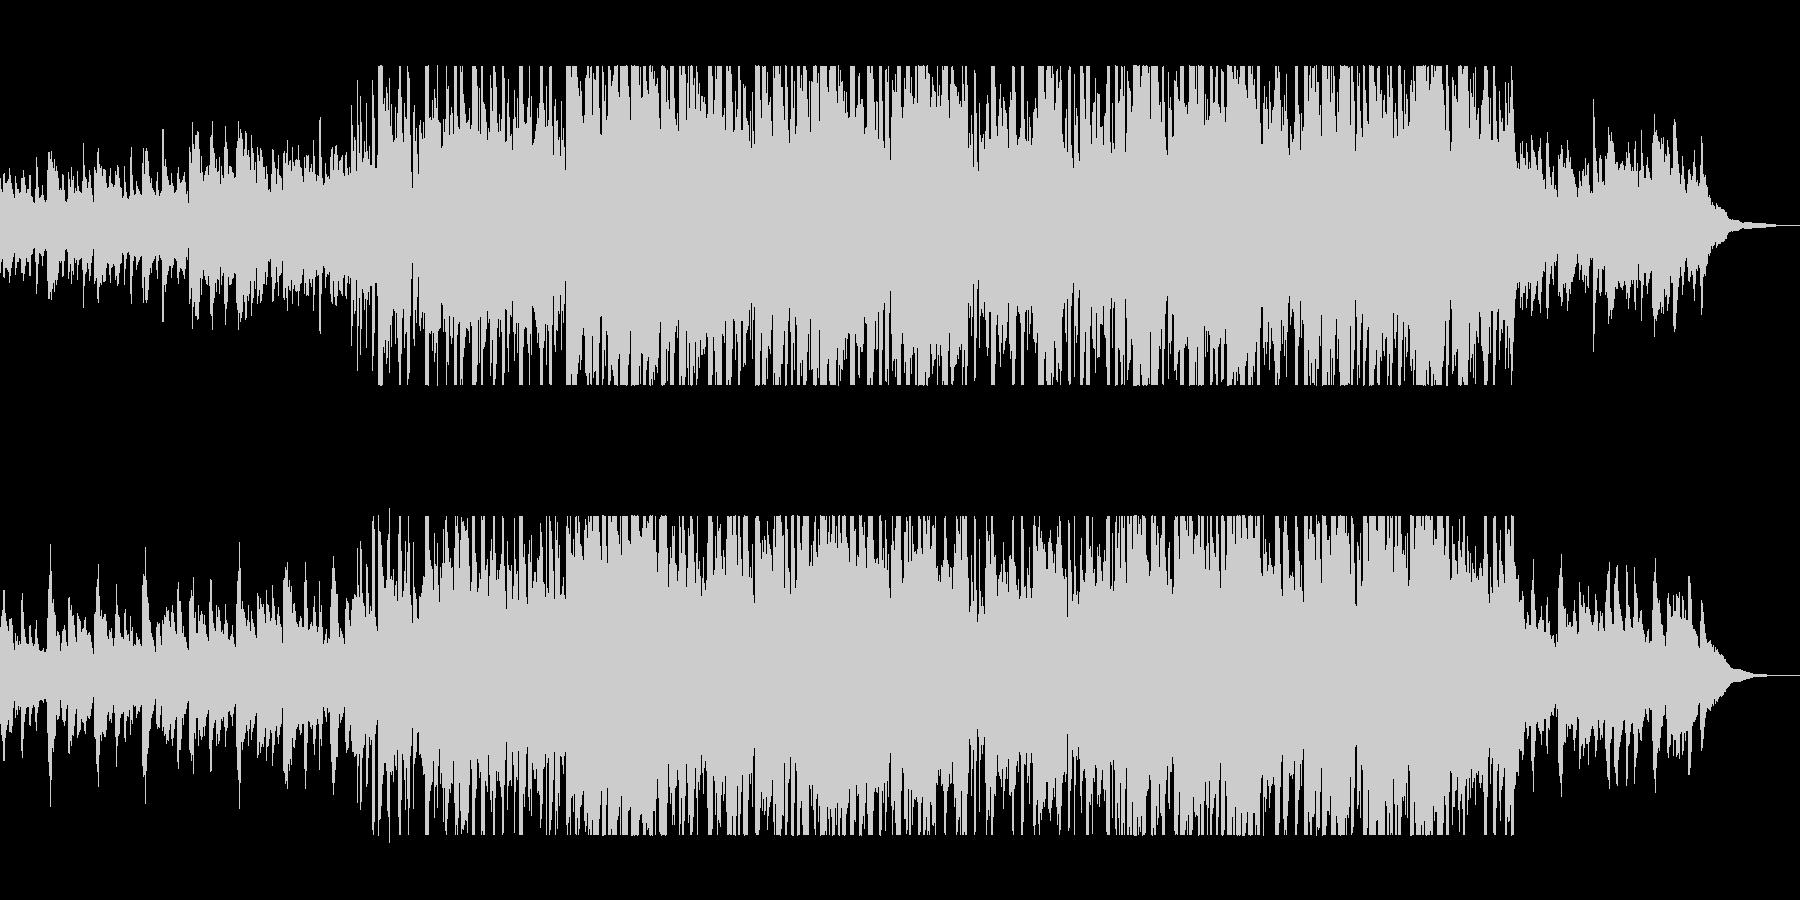 ハープの流れるようなサウンドの未再生の波形